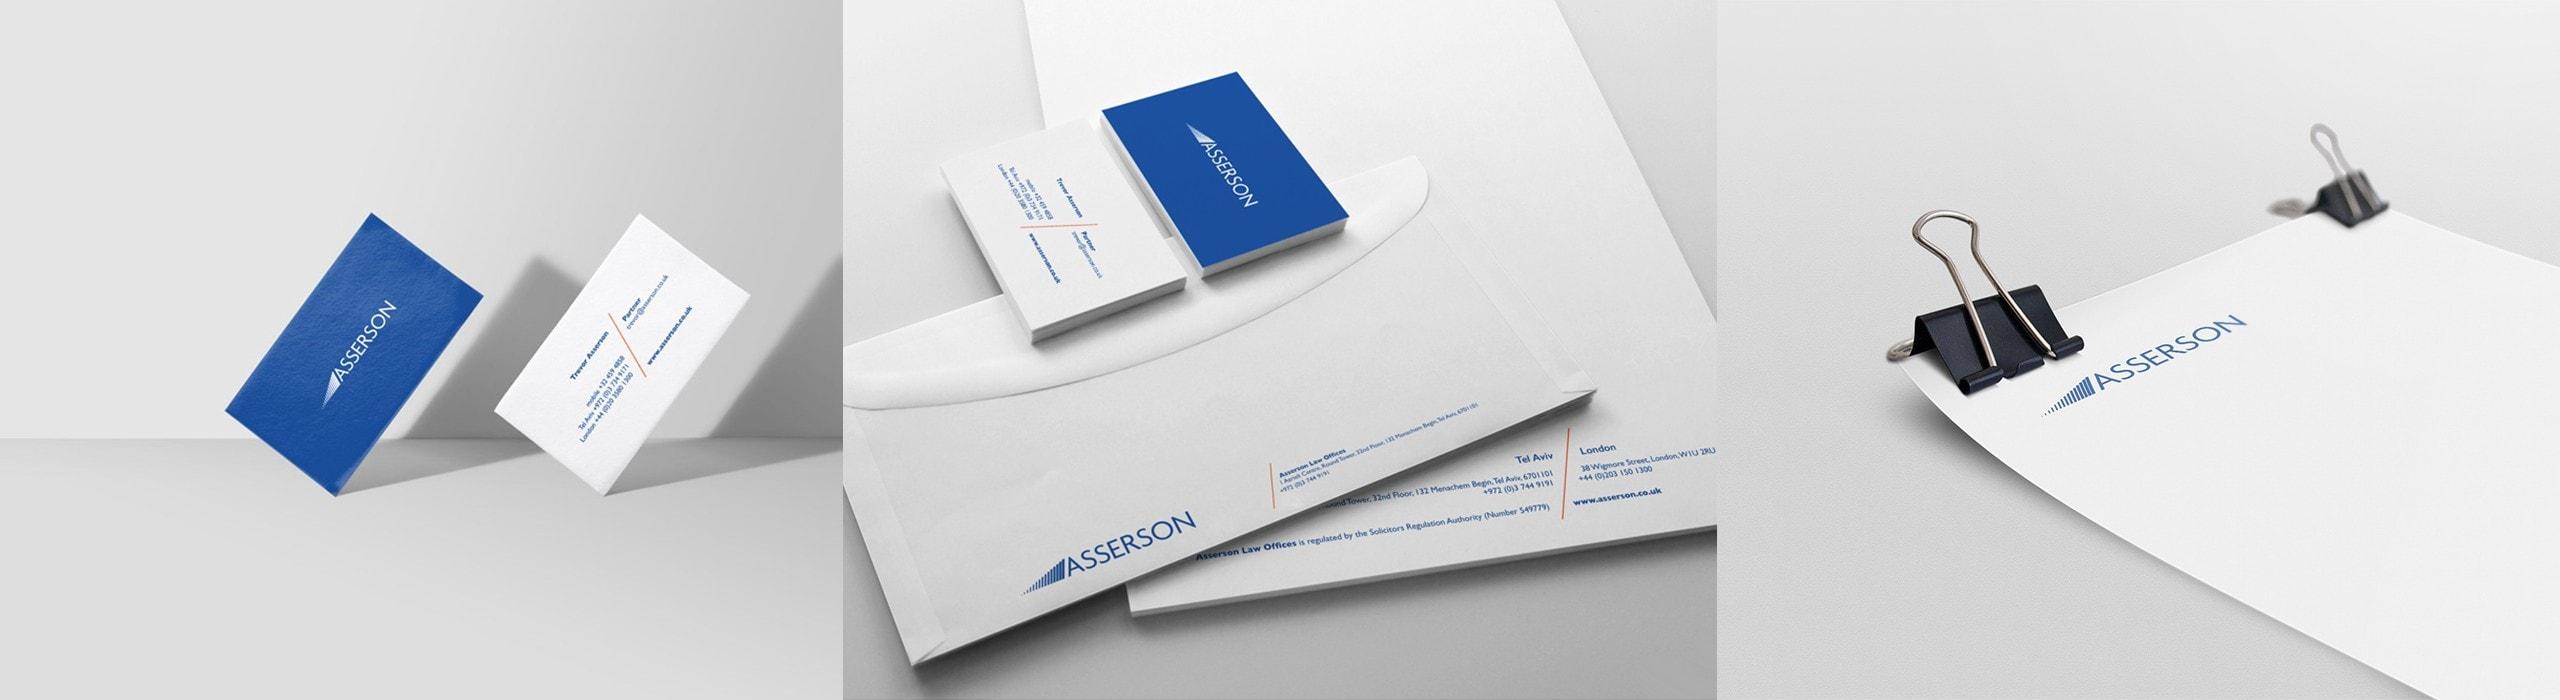 Asserson - natie-asserson-identity - Natie Branding Agency